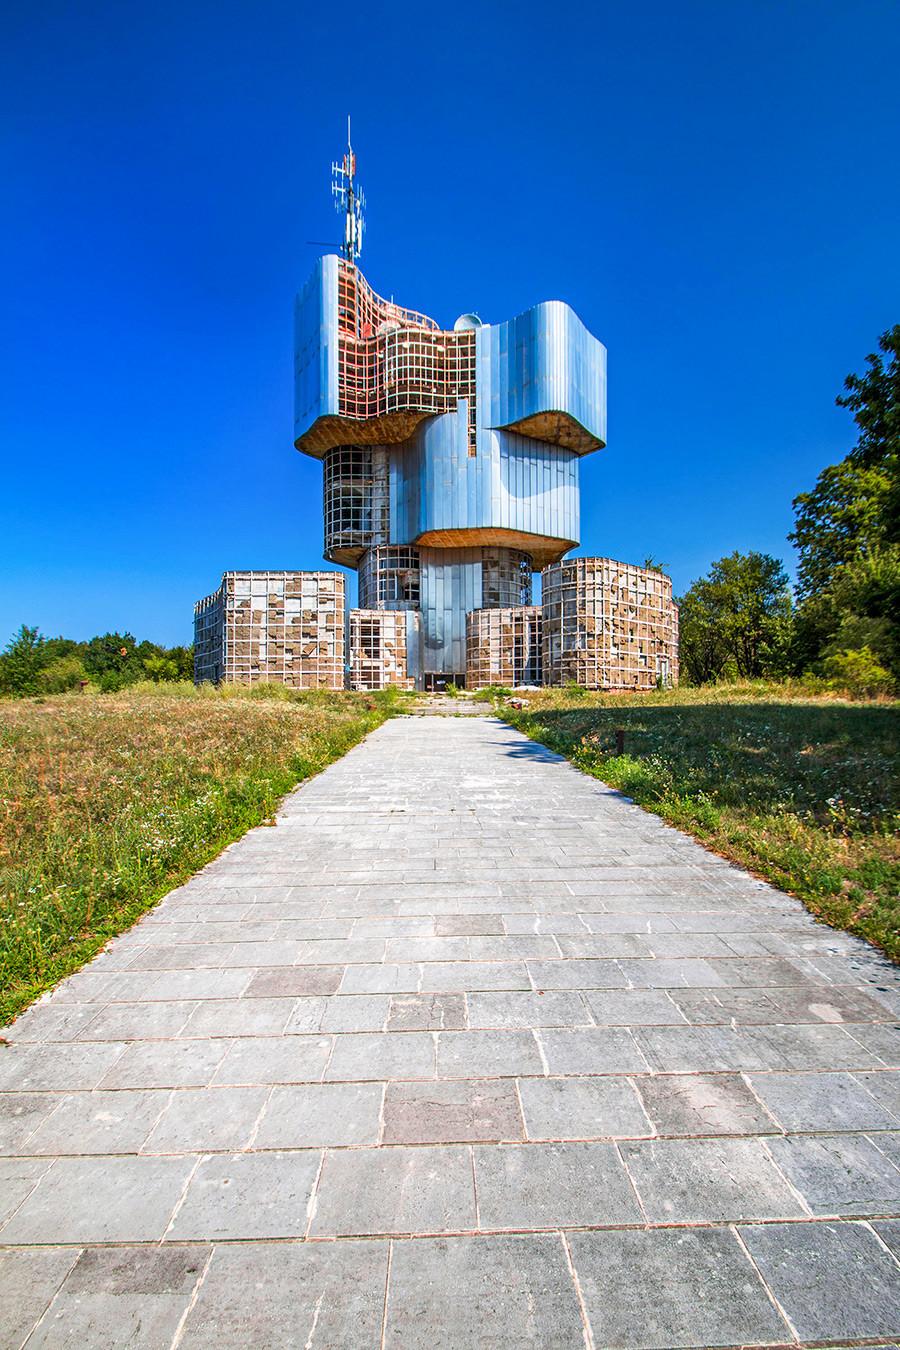 Croacia, Petrova Gora, Monumento a la sublevación del pueblo de Kordún y Banija. Diseñado por Vojin Bakic.